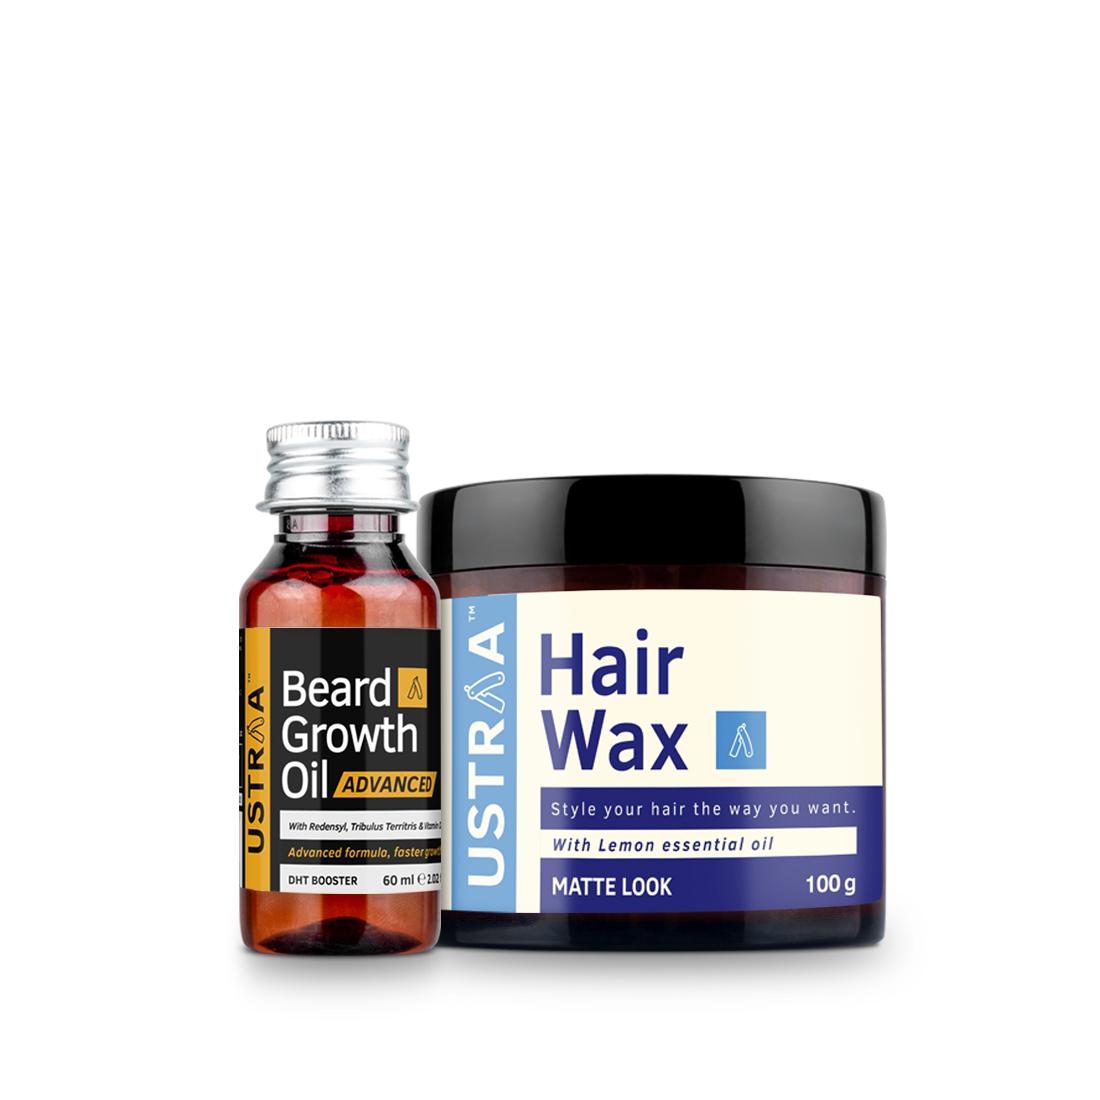 Beard Growth Oil- Advanced & Hair Wax- Matte Look